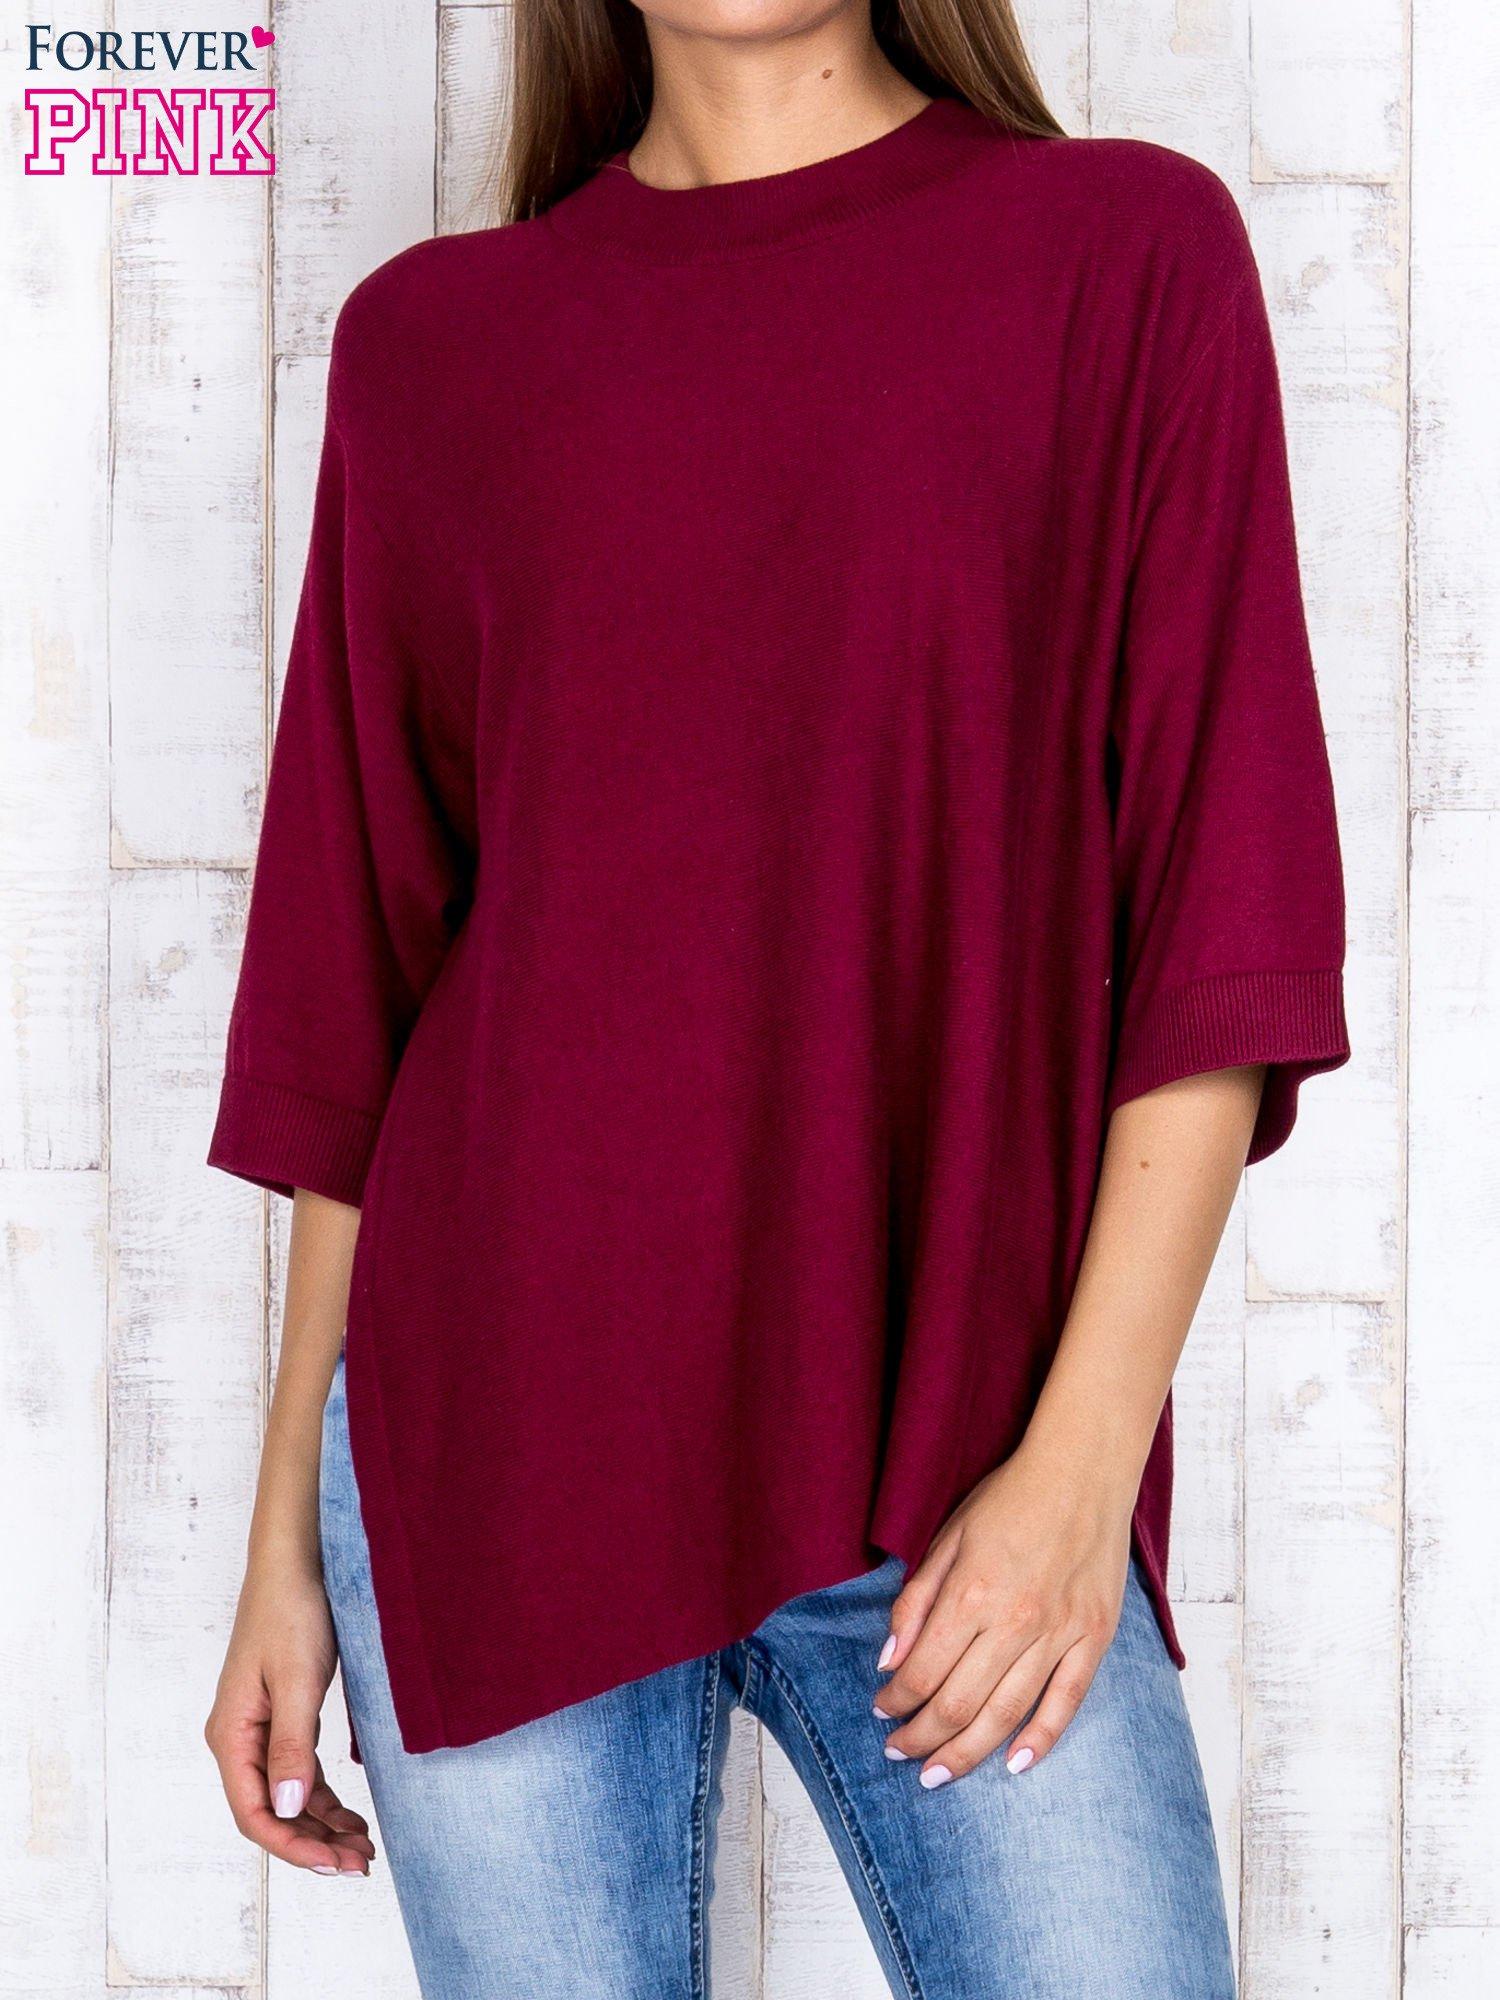 Bordowy luźny sweter oversize z bocznymi rozcięciami                                  zdj.                                  1